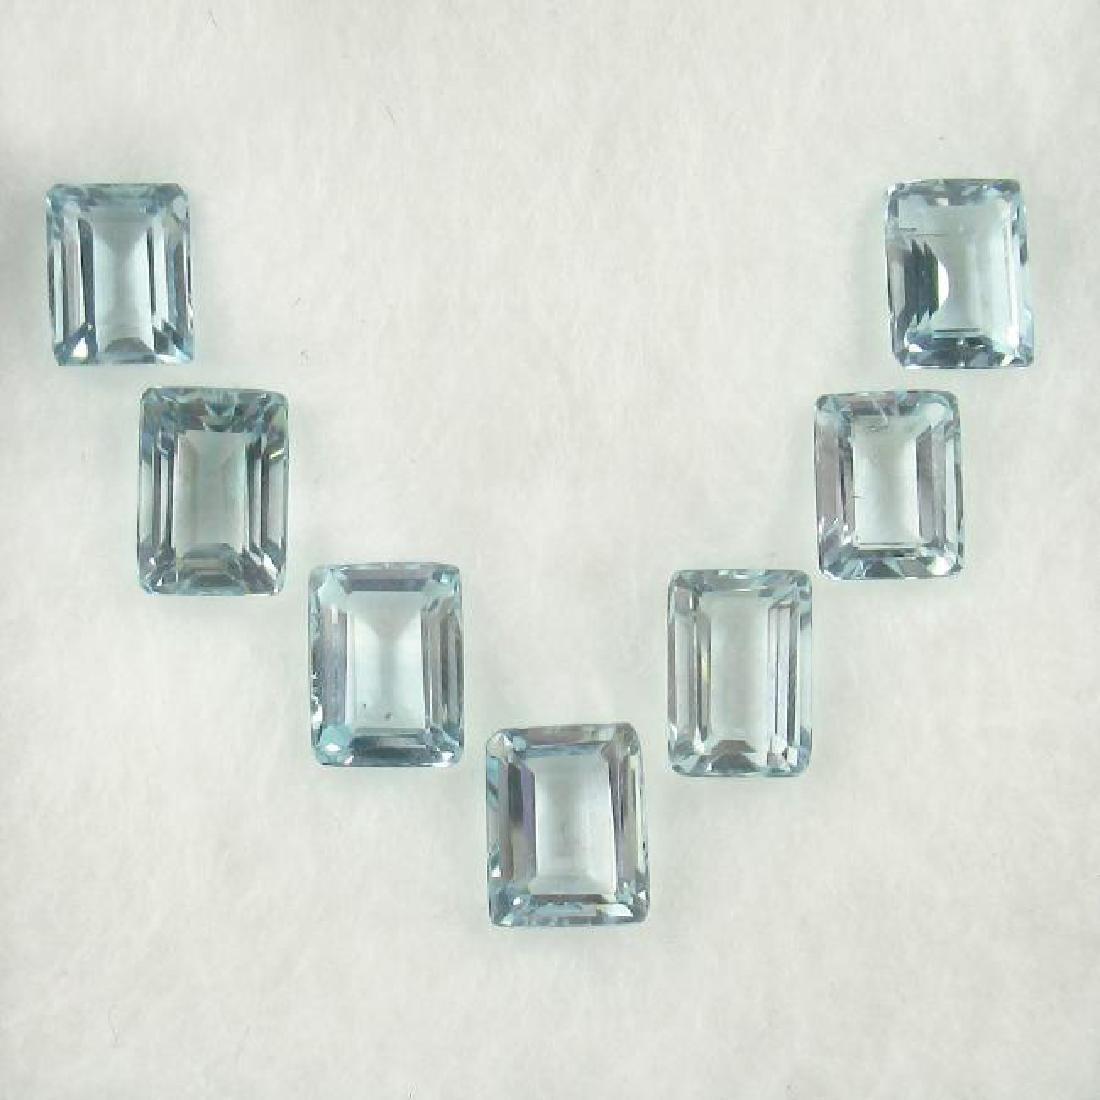 7.46 Carat Loose Aquamarine Necklace Set